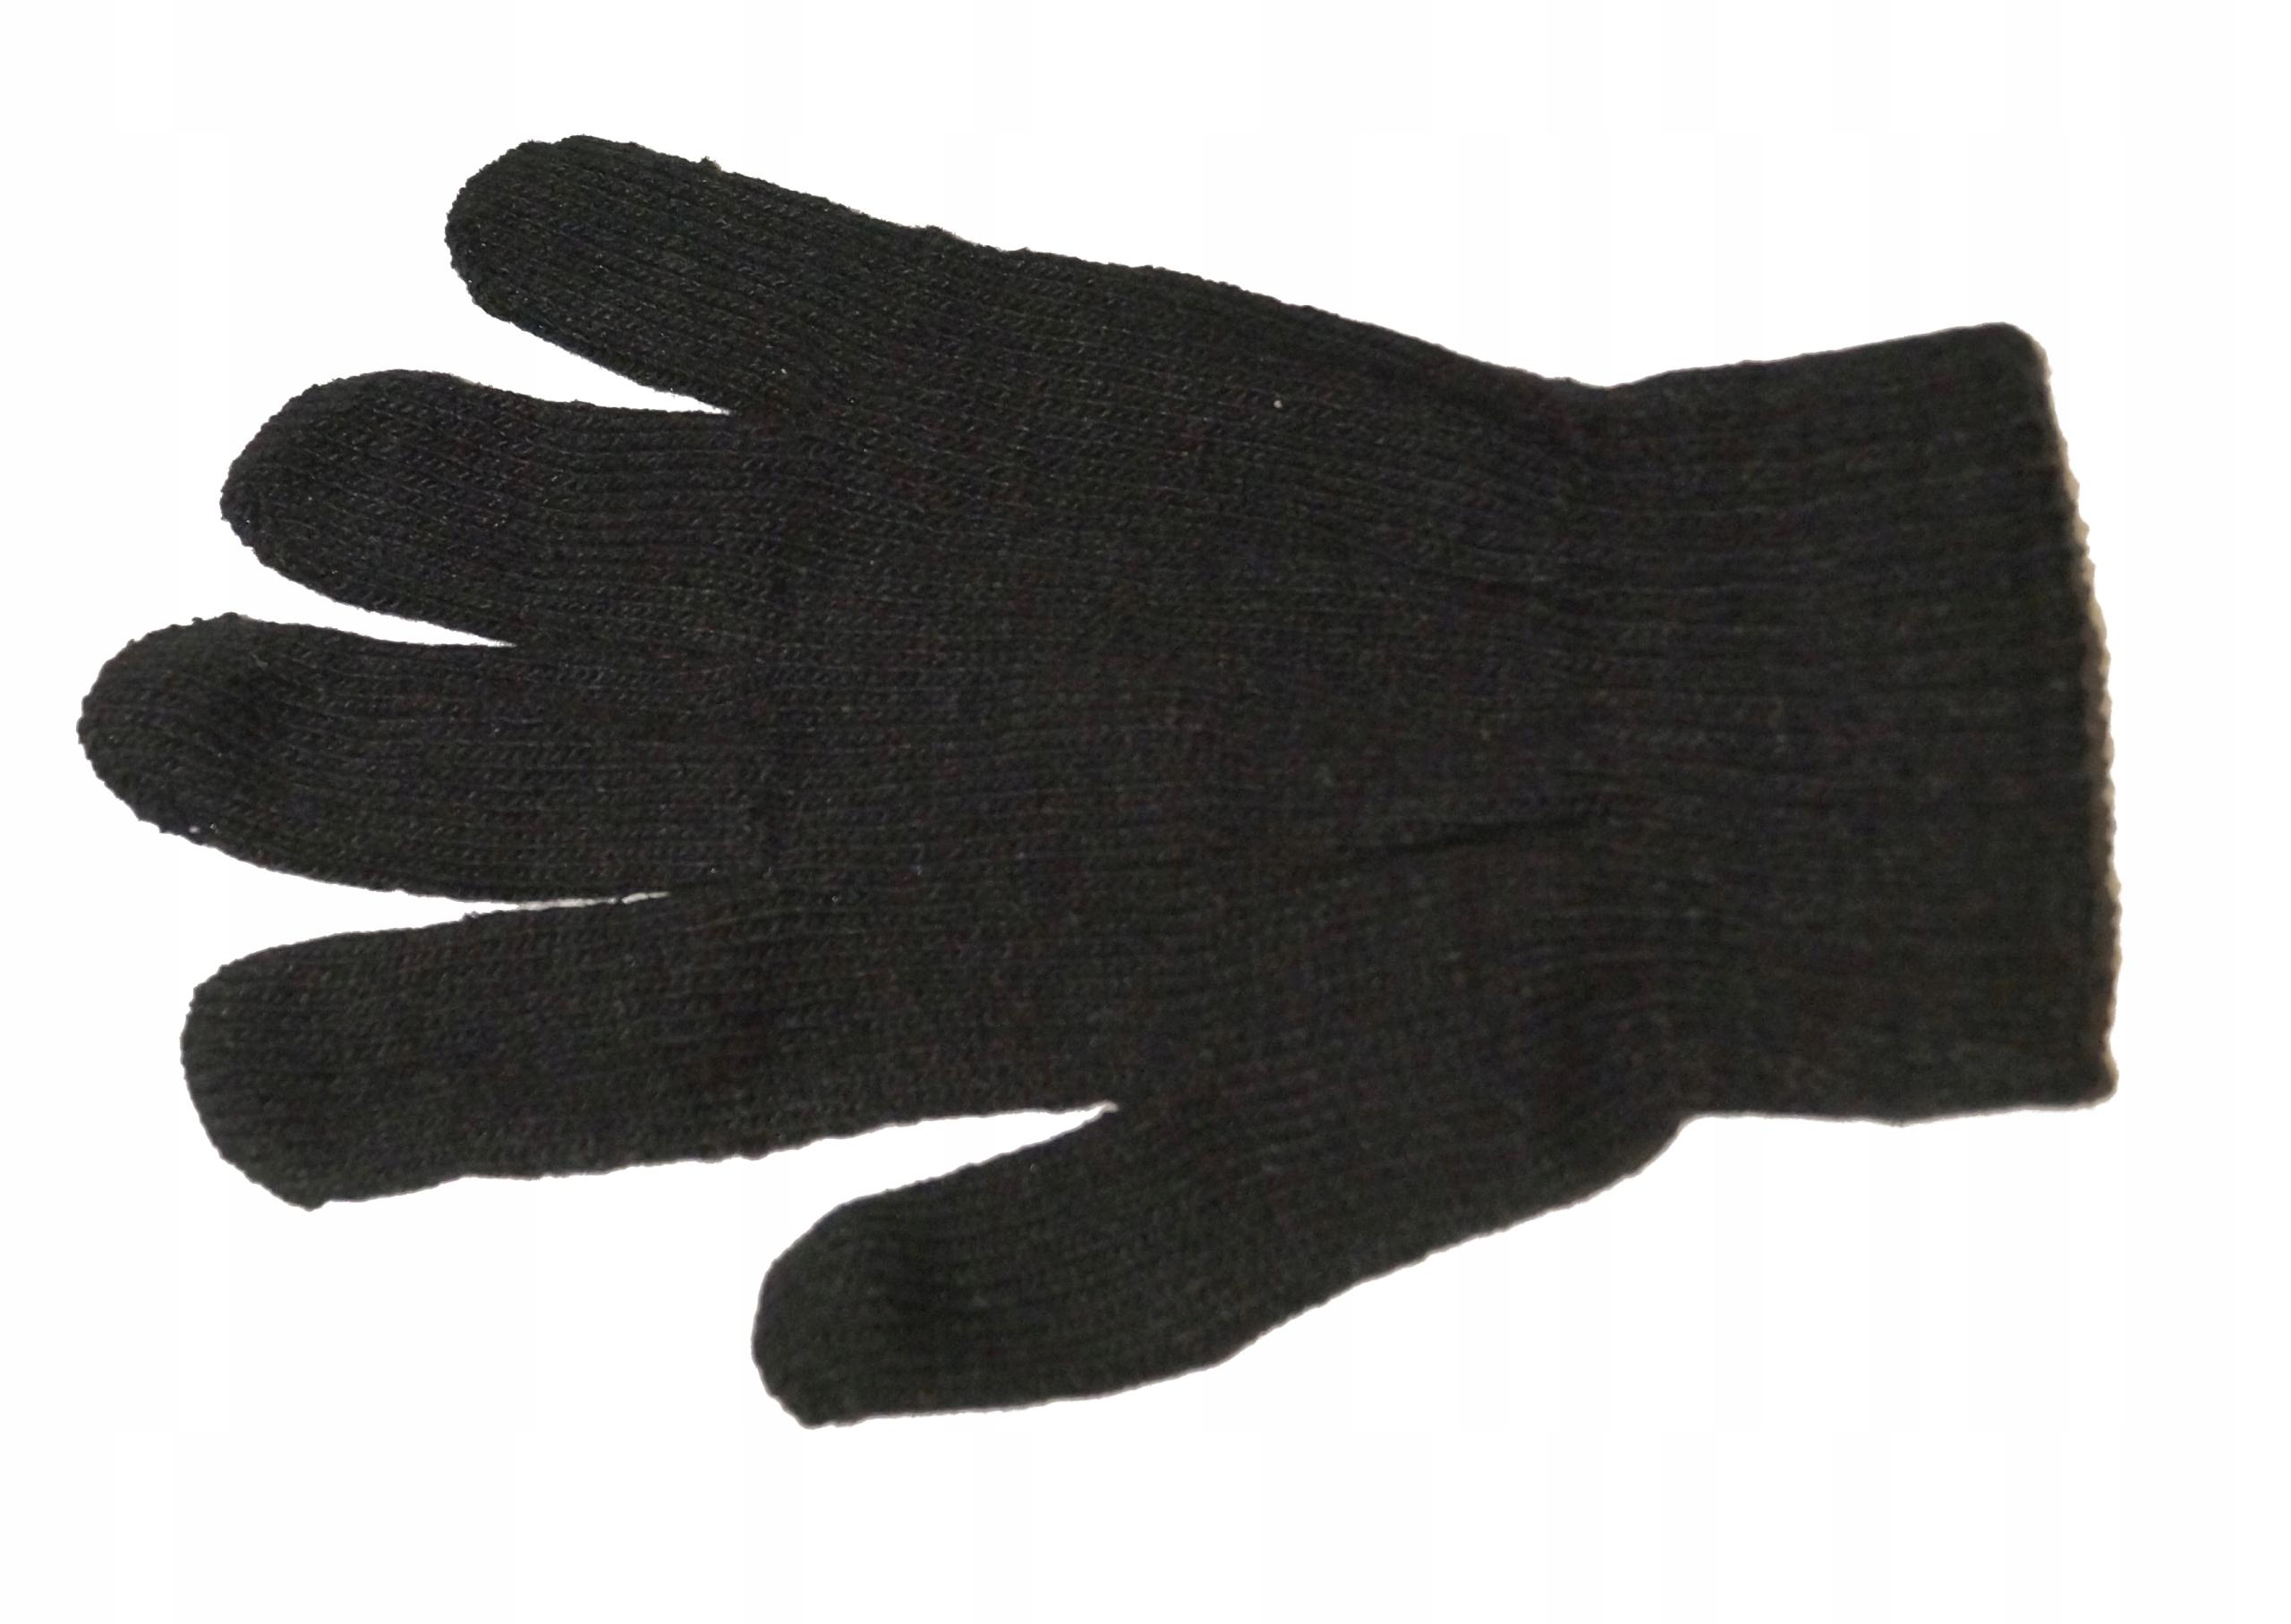 Rękawiczki rękawice męskie / damskie -LIKWIDACJA